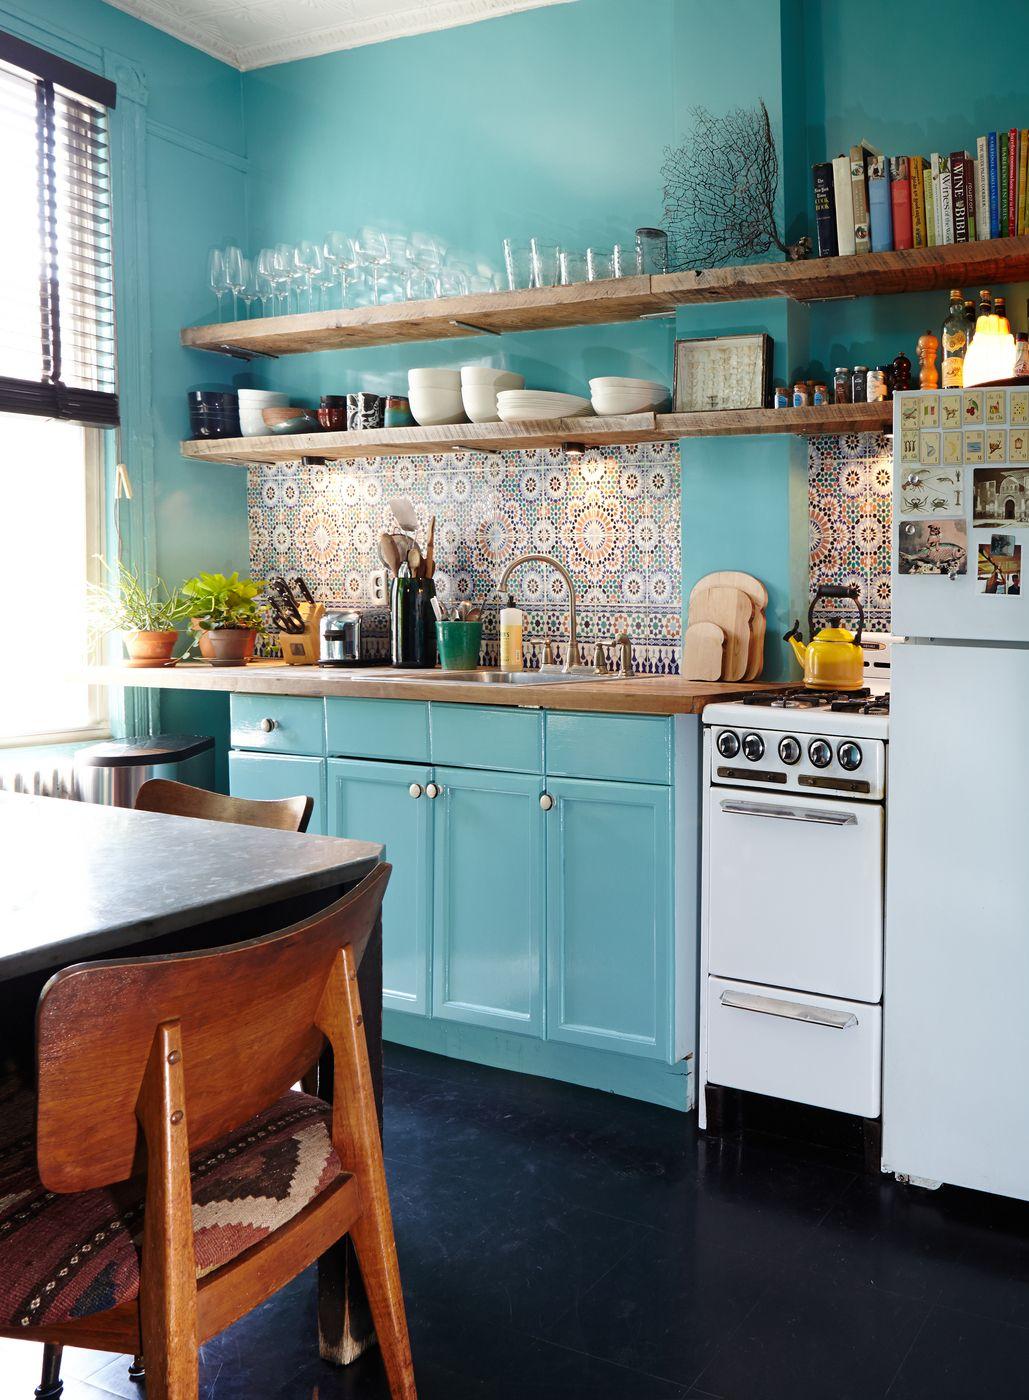 Williamsburg Walk-Up | Kitchen | Pinterest | Kitchens, Hall and ...